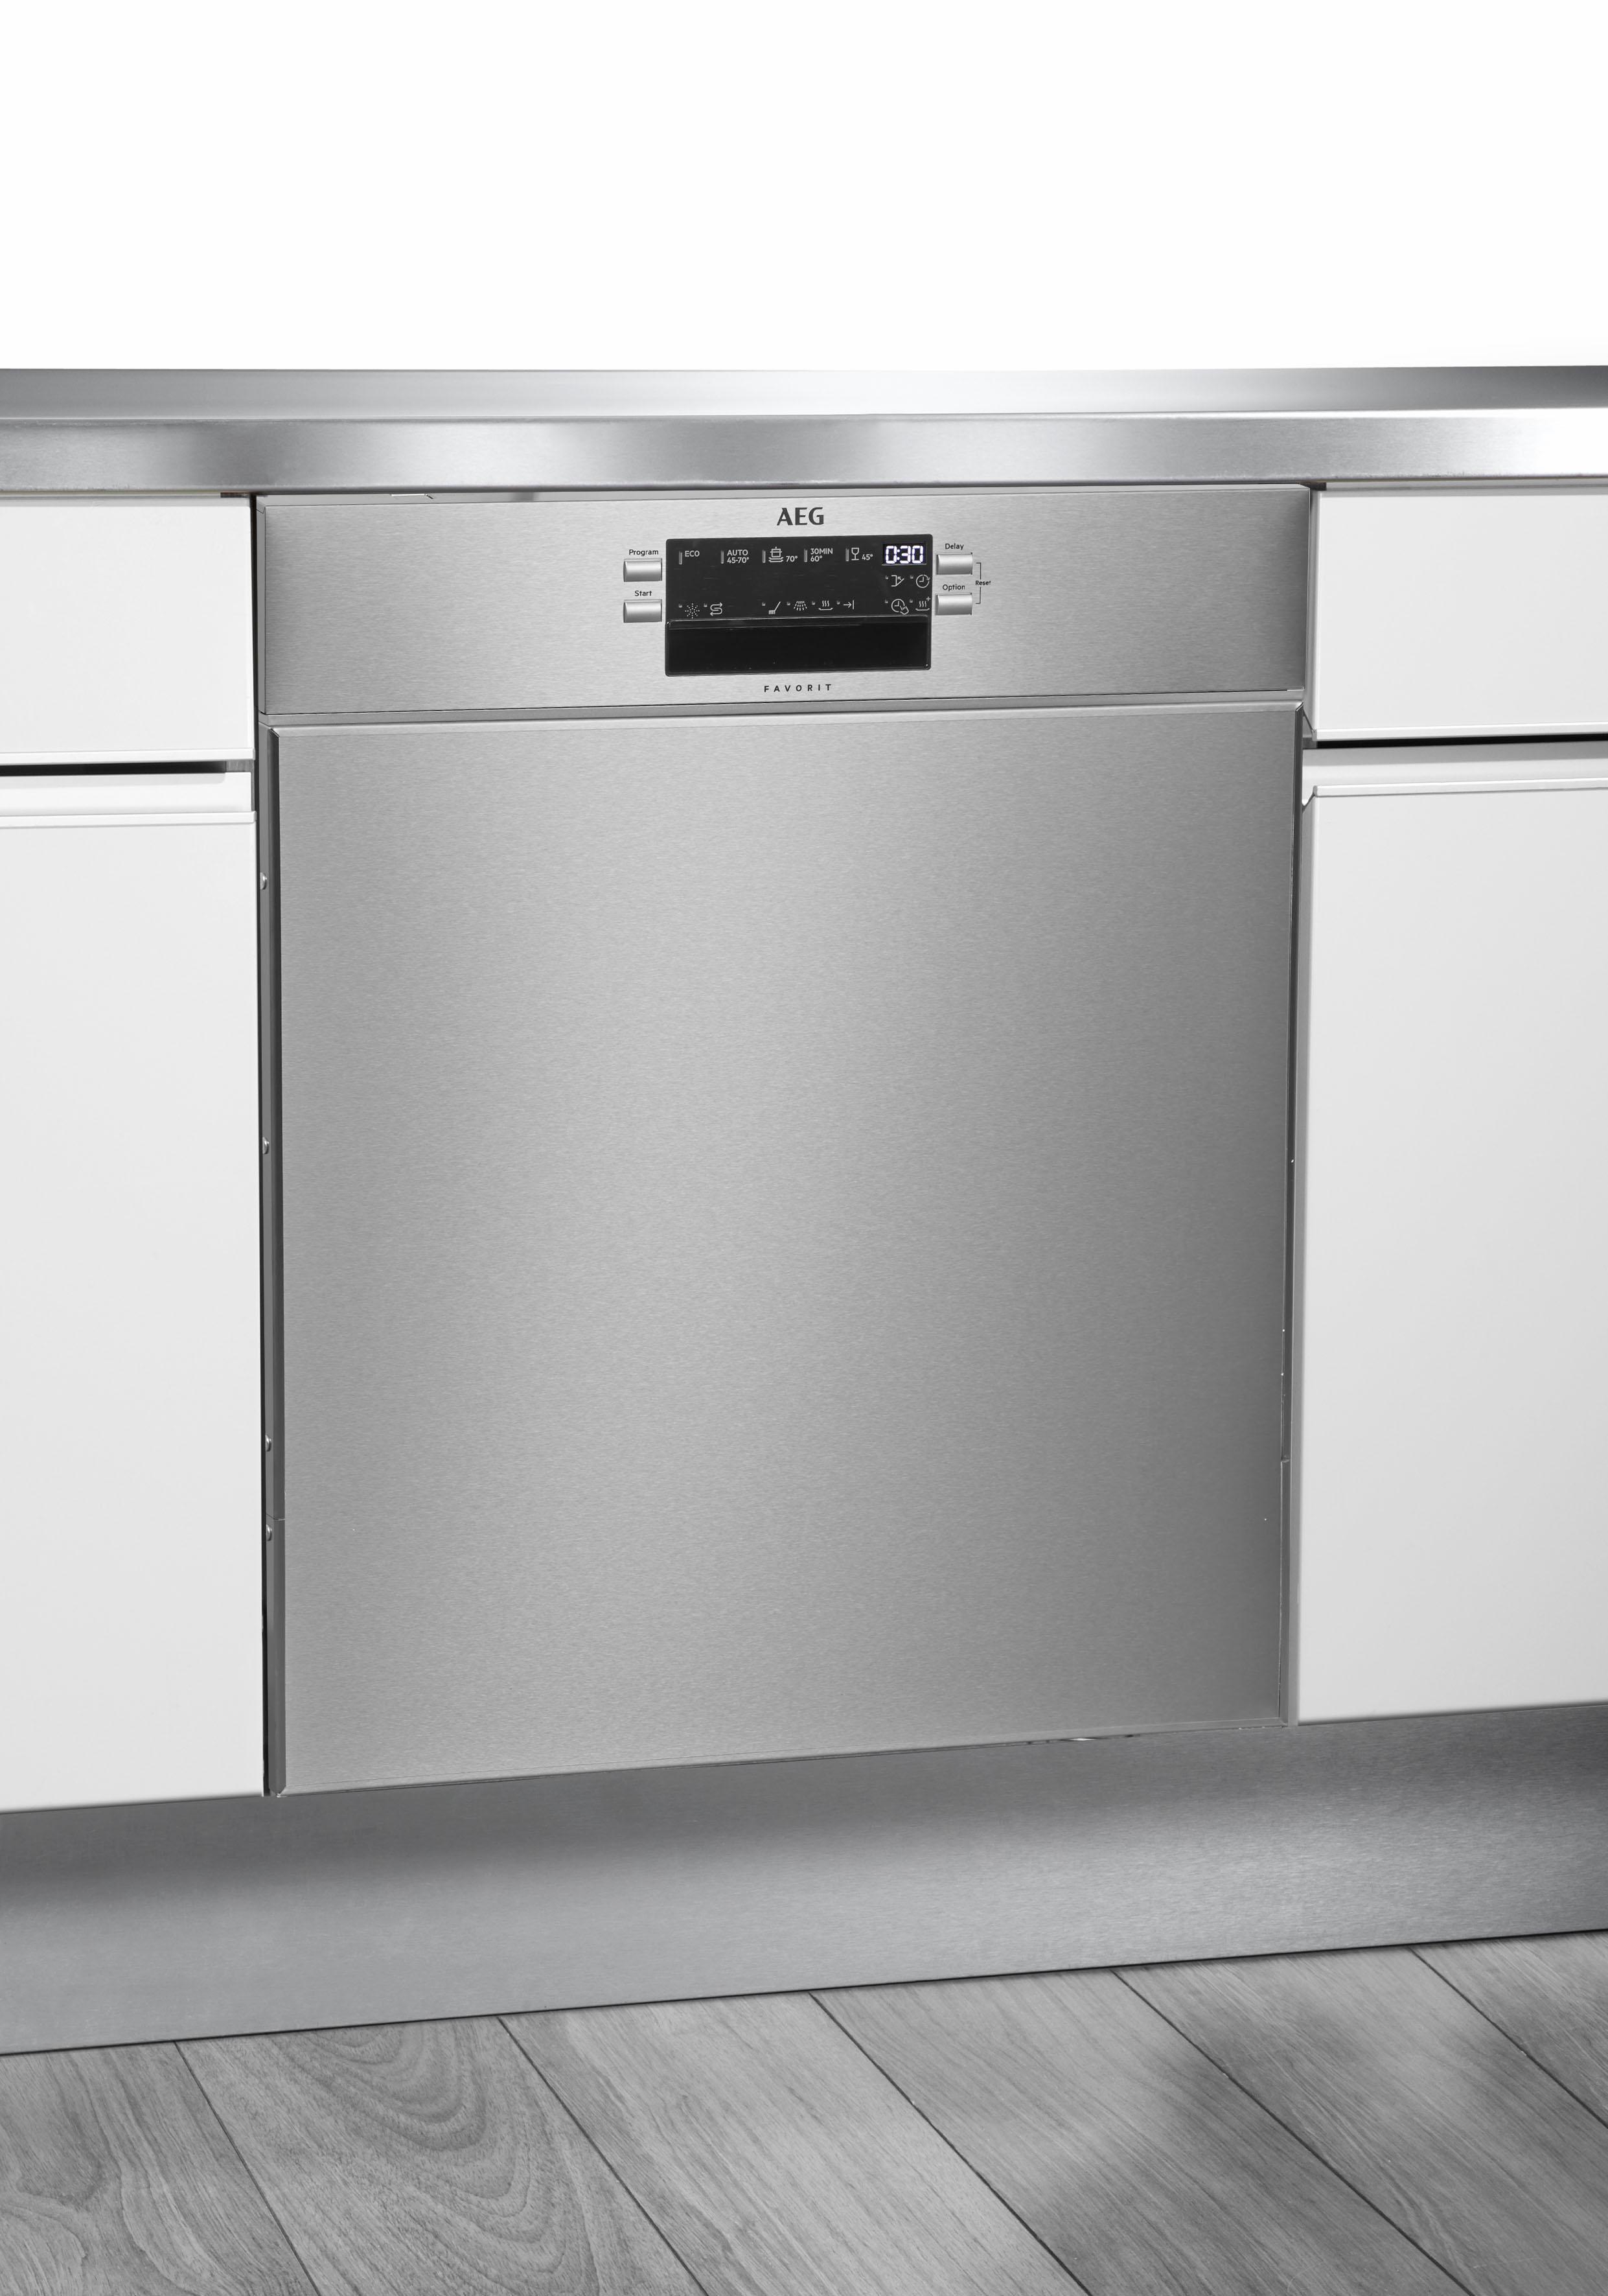 AEG Unterbaugeschirrspüler 9 9 Liter 13 Maßgedecke | Küche und Esszimmer > Küchenelektrogeräte > Gefrierschränke | Aeg Electrolux